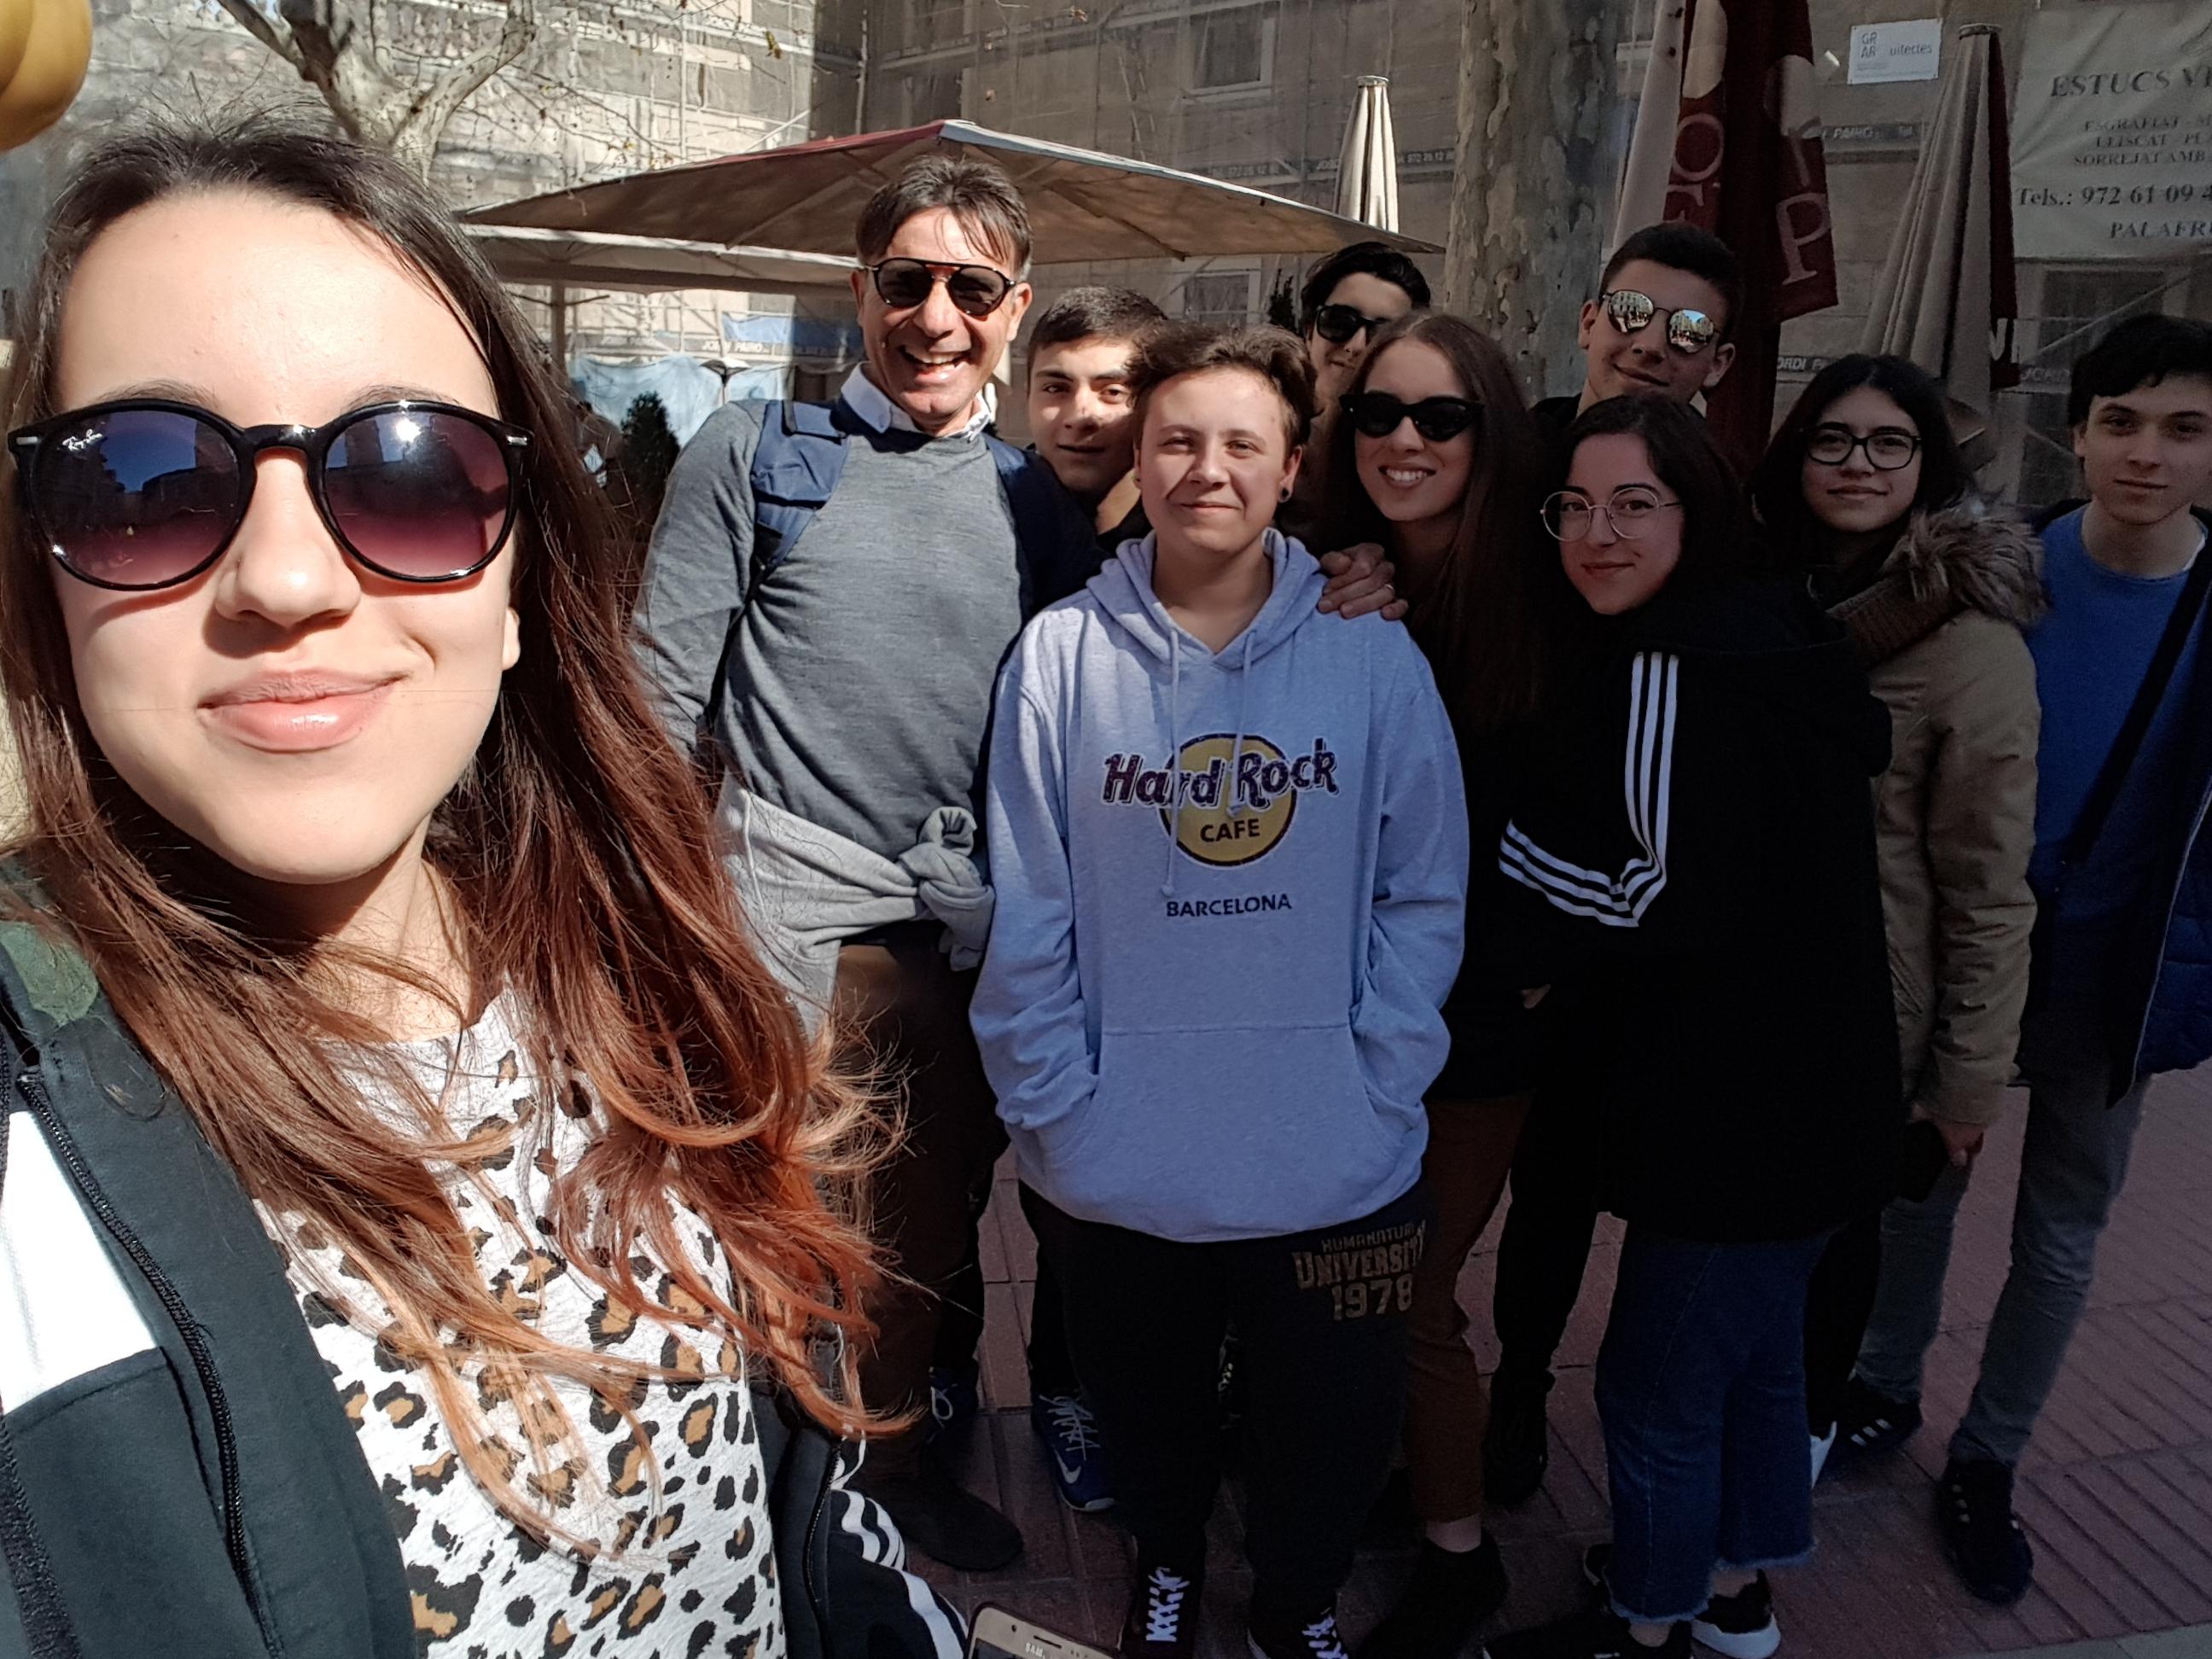 Viaggio_dIstruzione_a_Barcellona_191